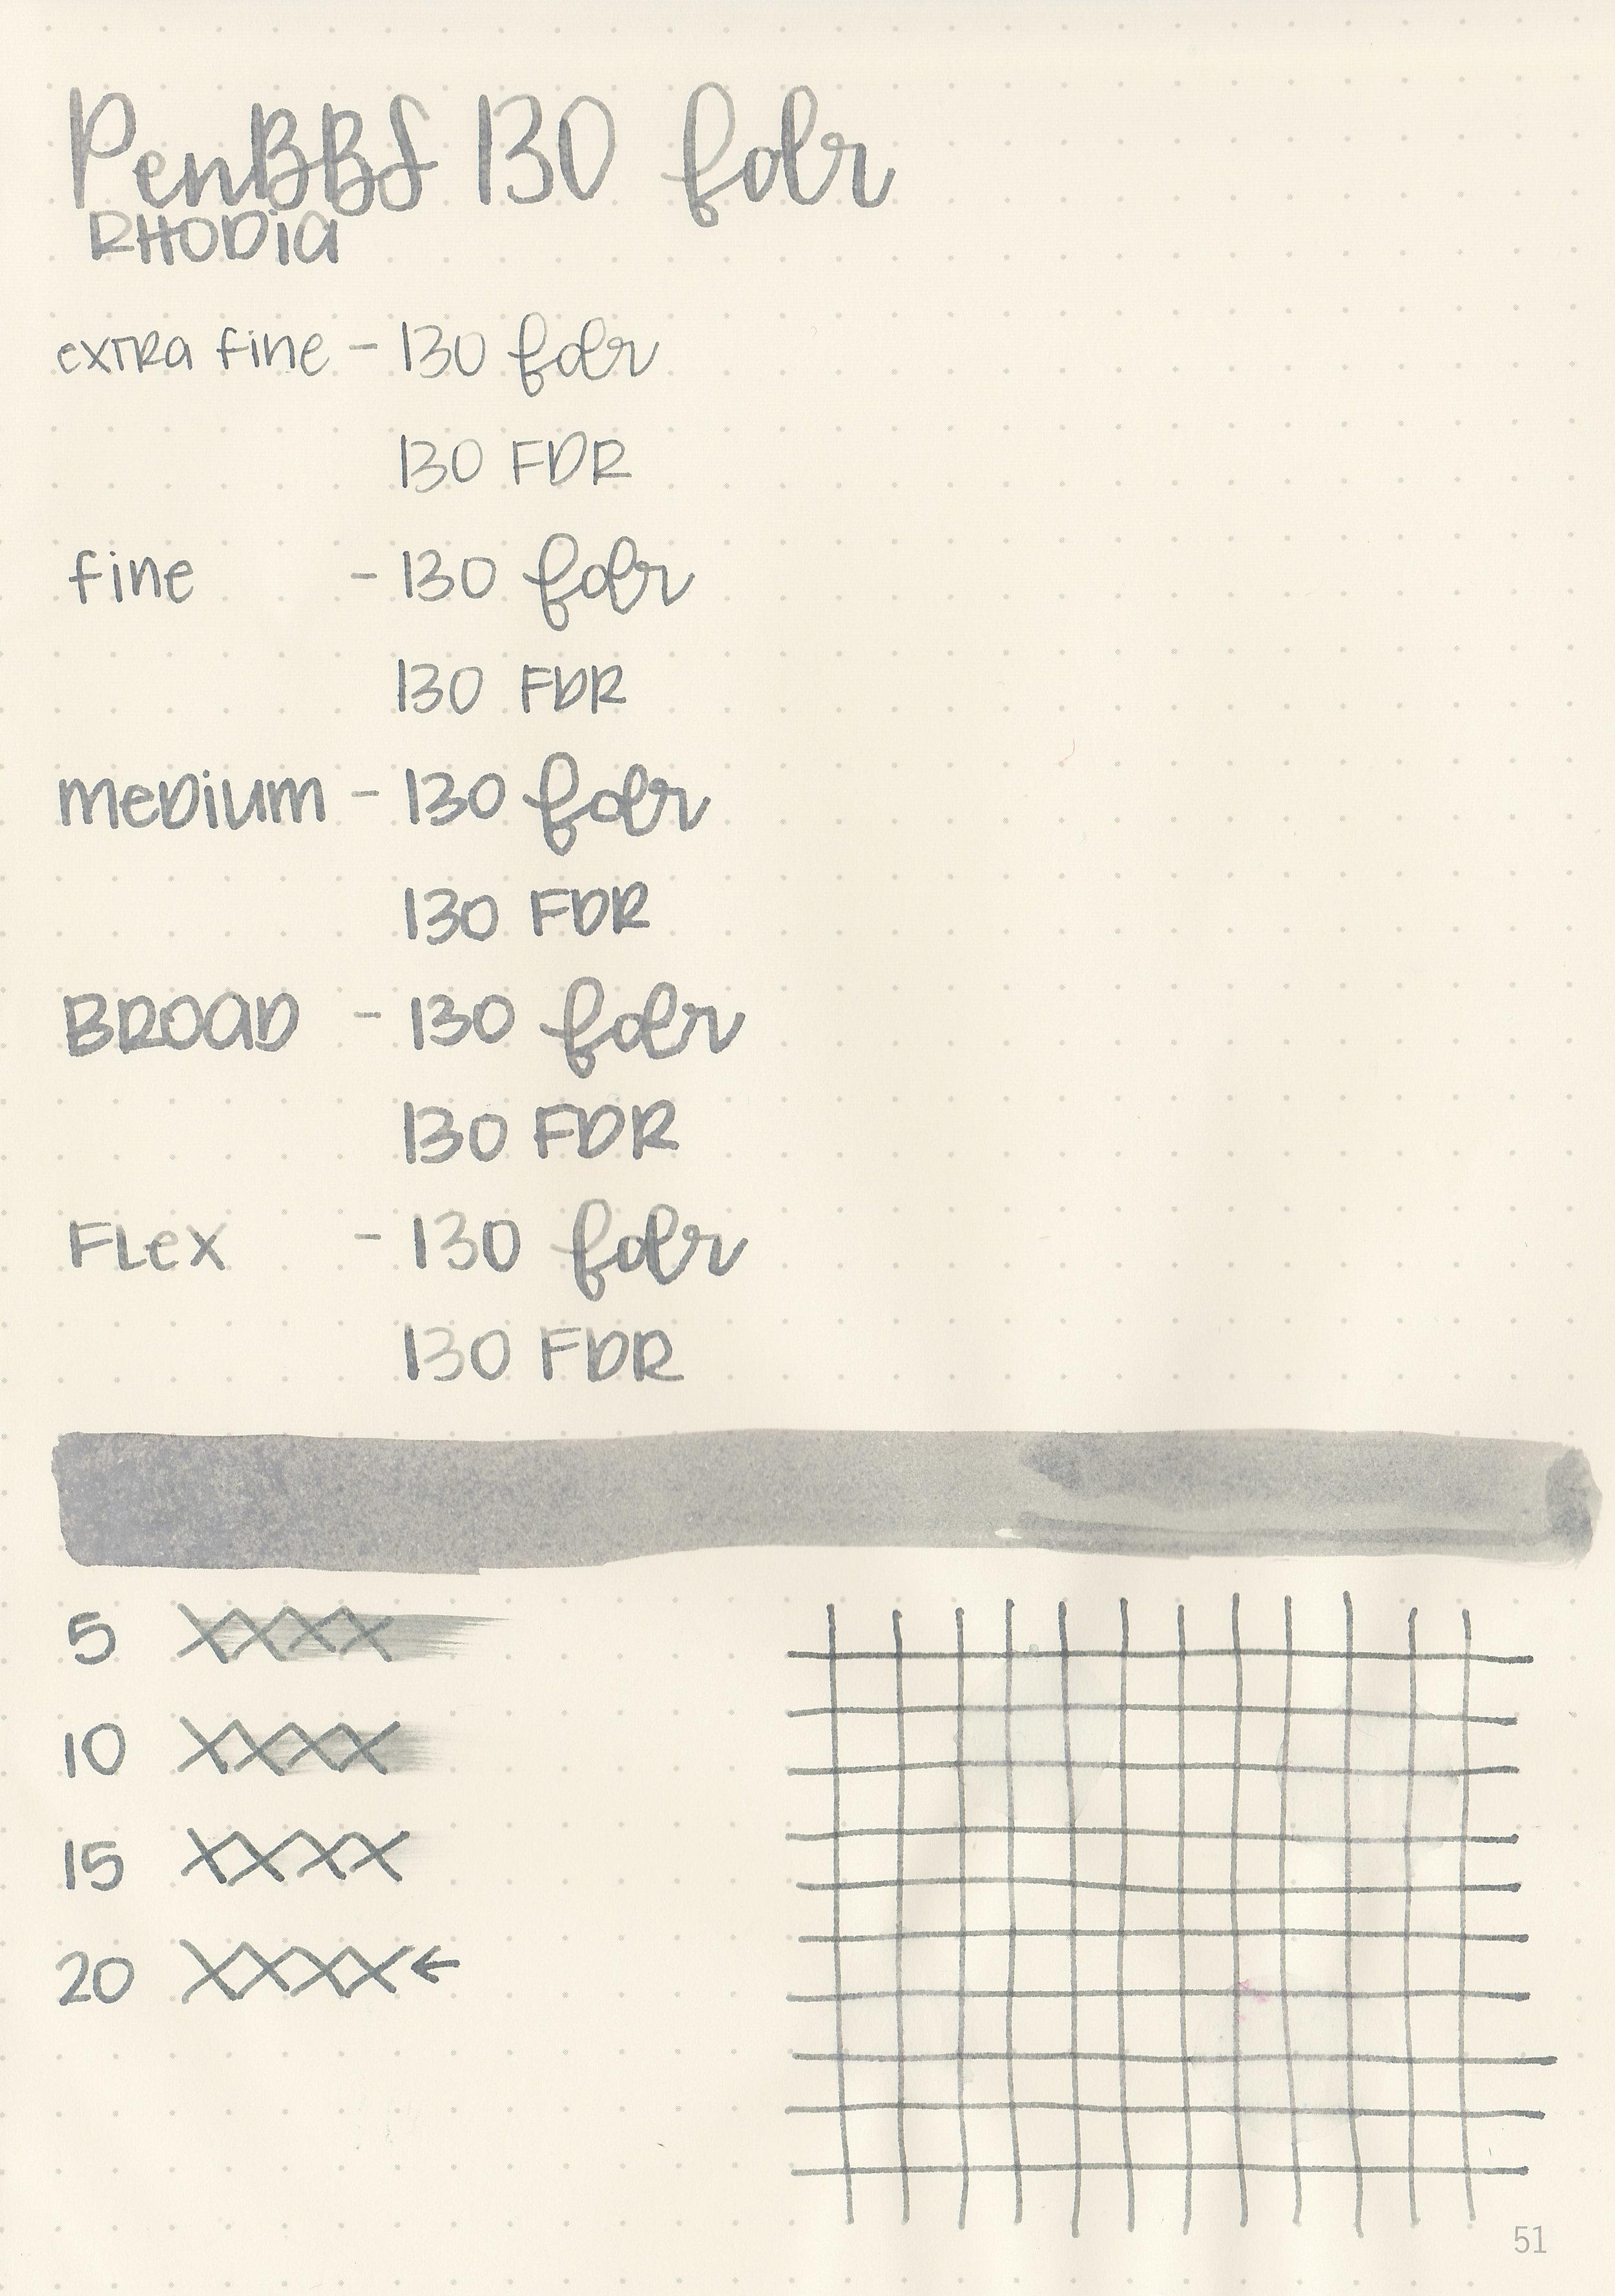 penbbs-fdr-5.jpg